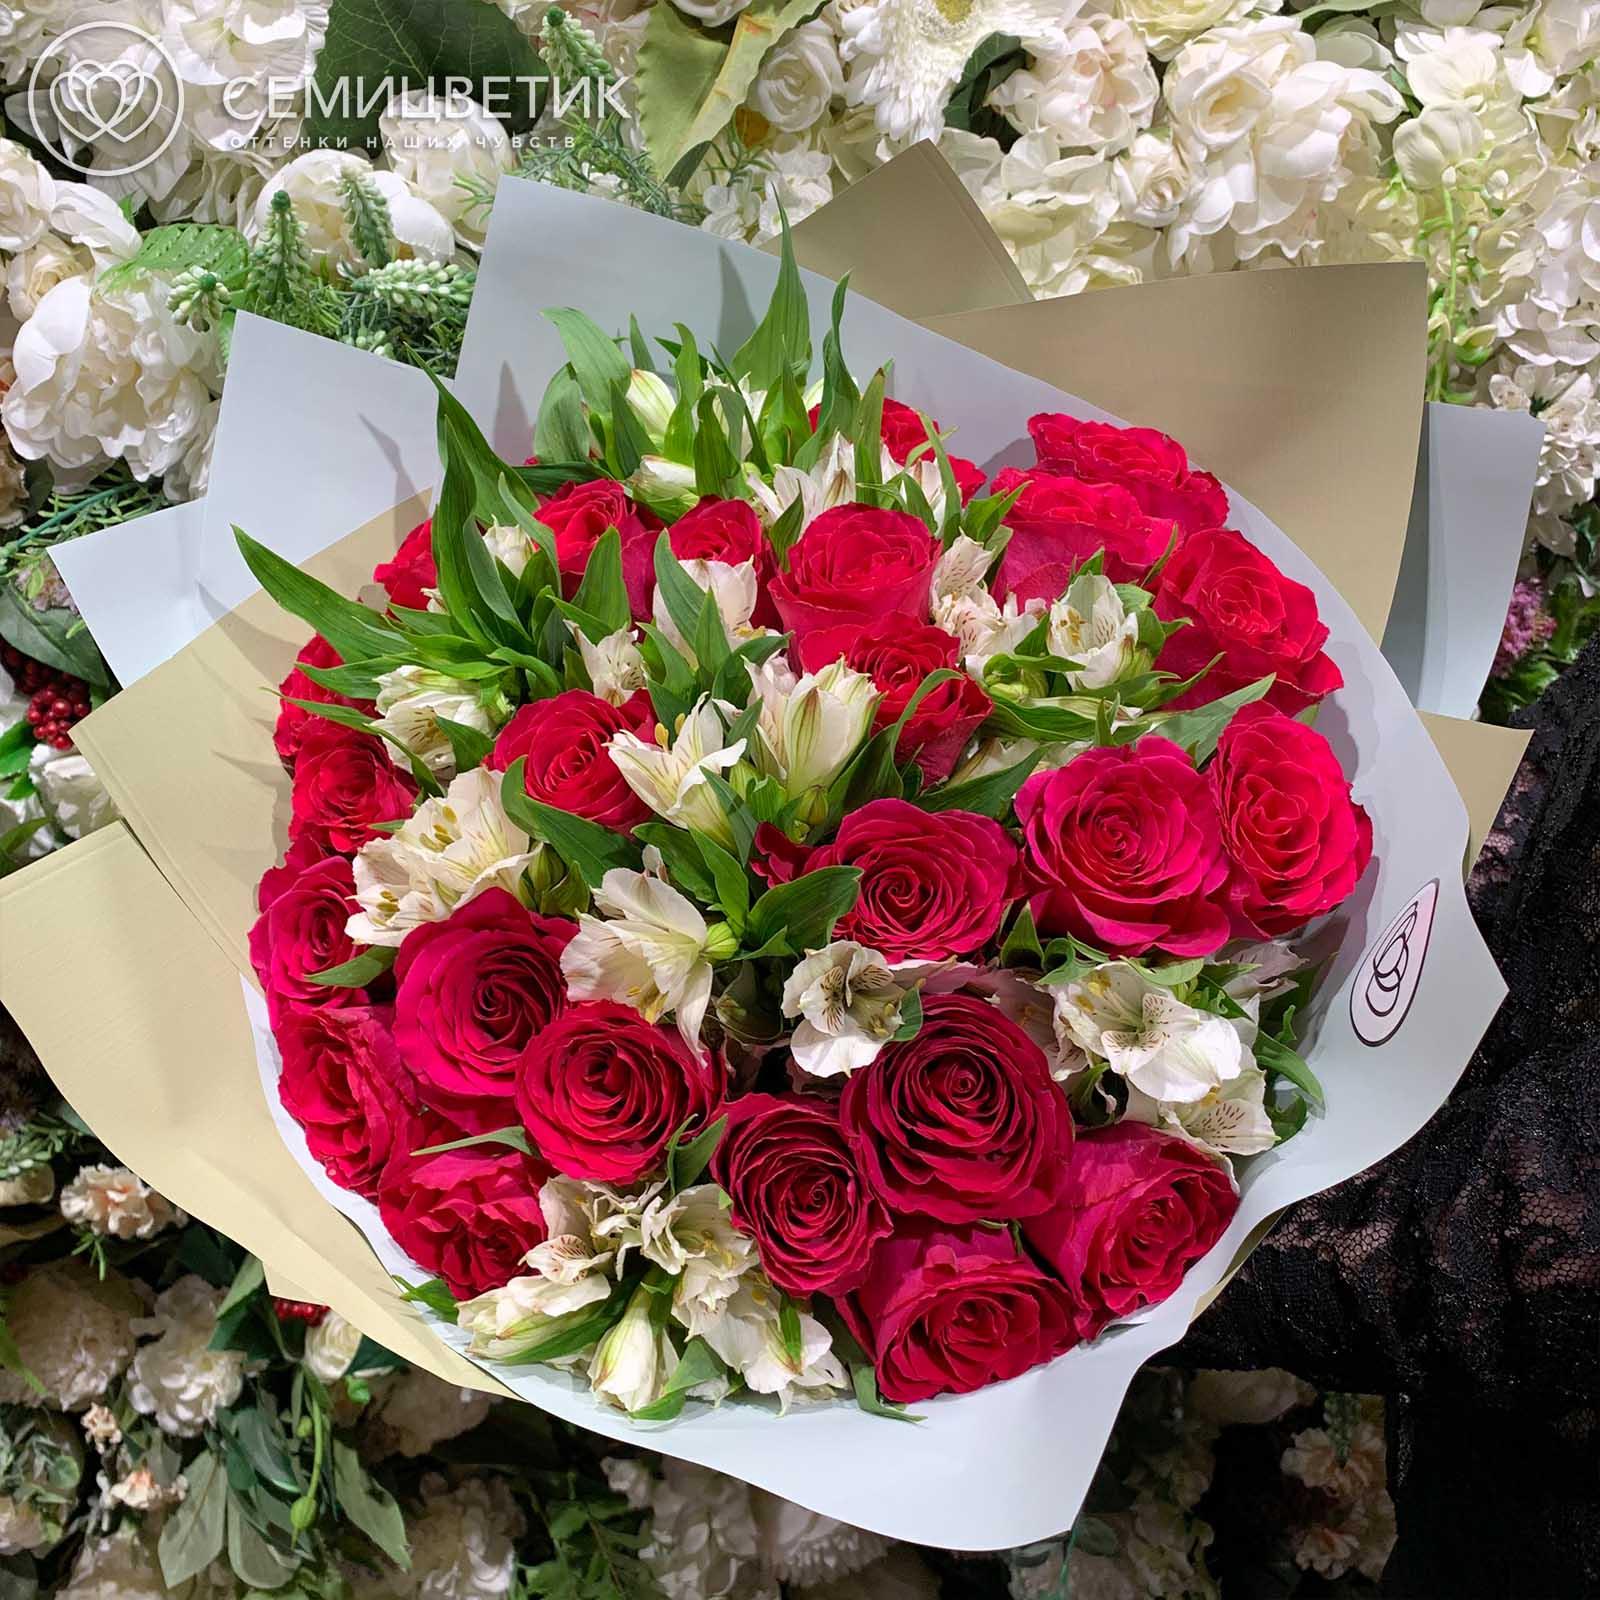 Розово-белый букет из 25 роз и 10 альстромерий в дизайнерской пленке фото